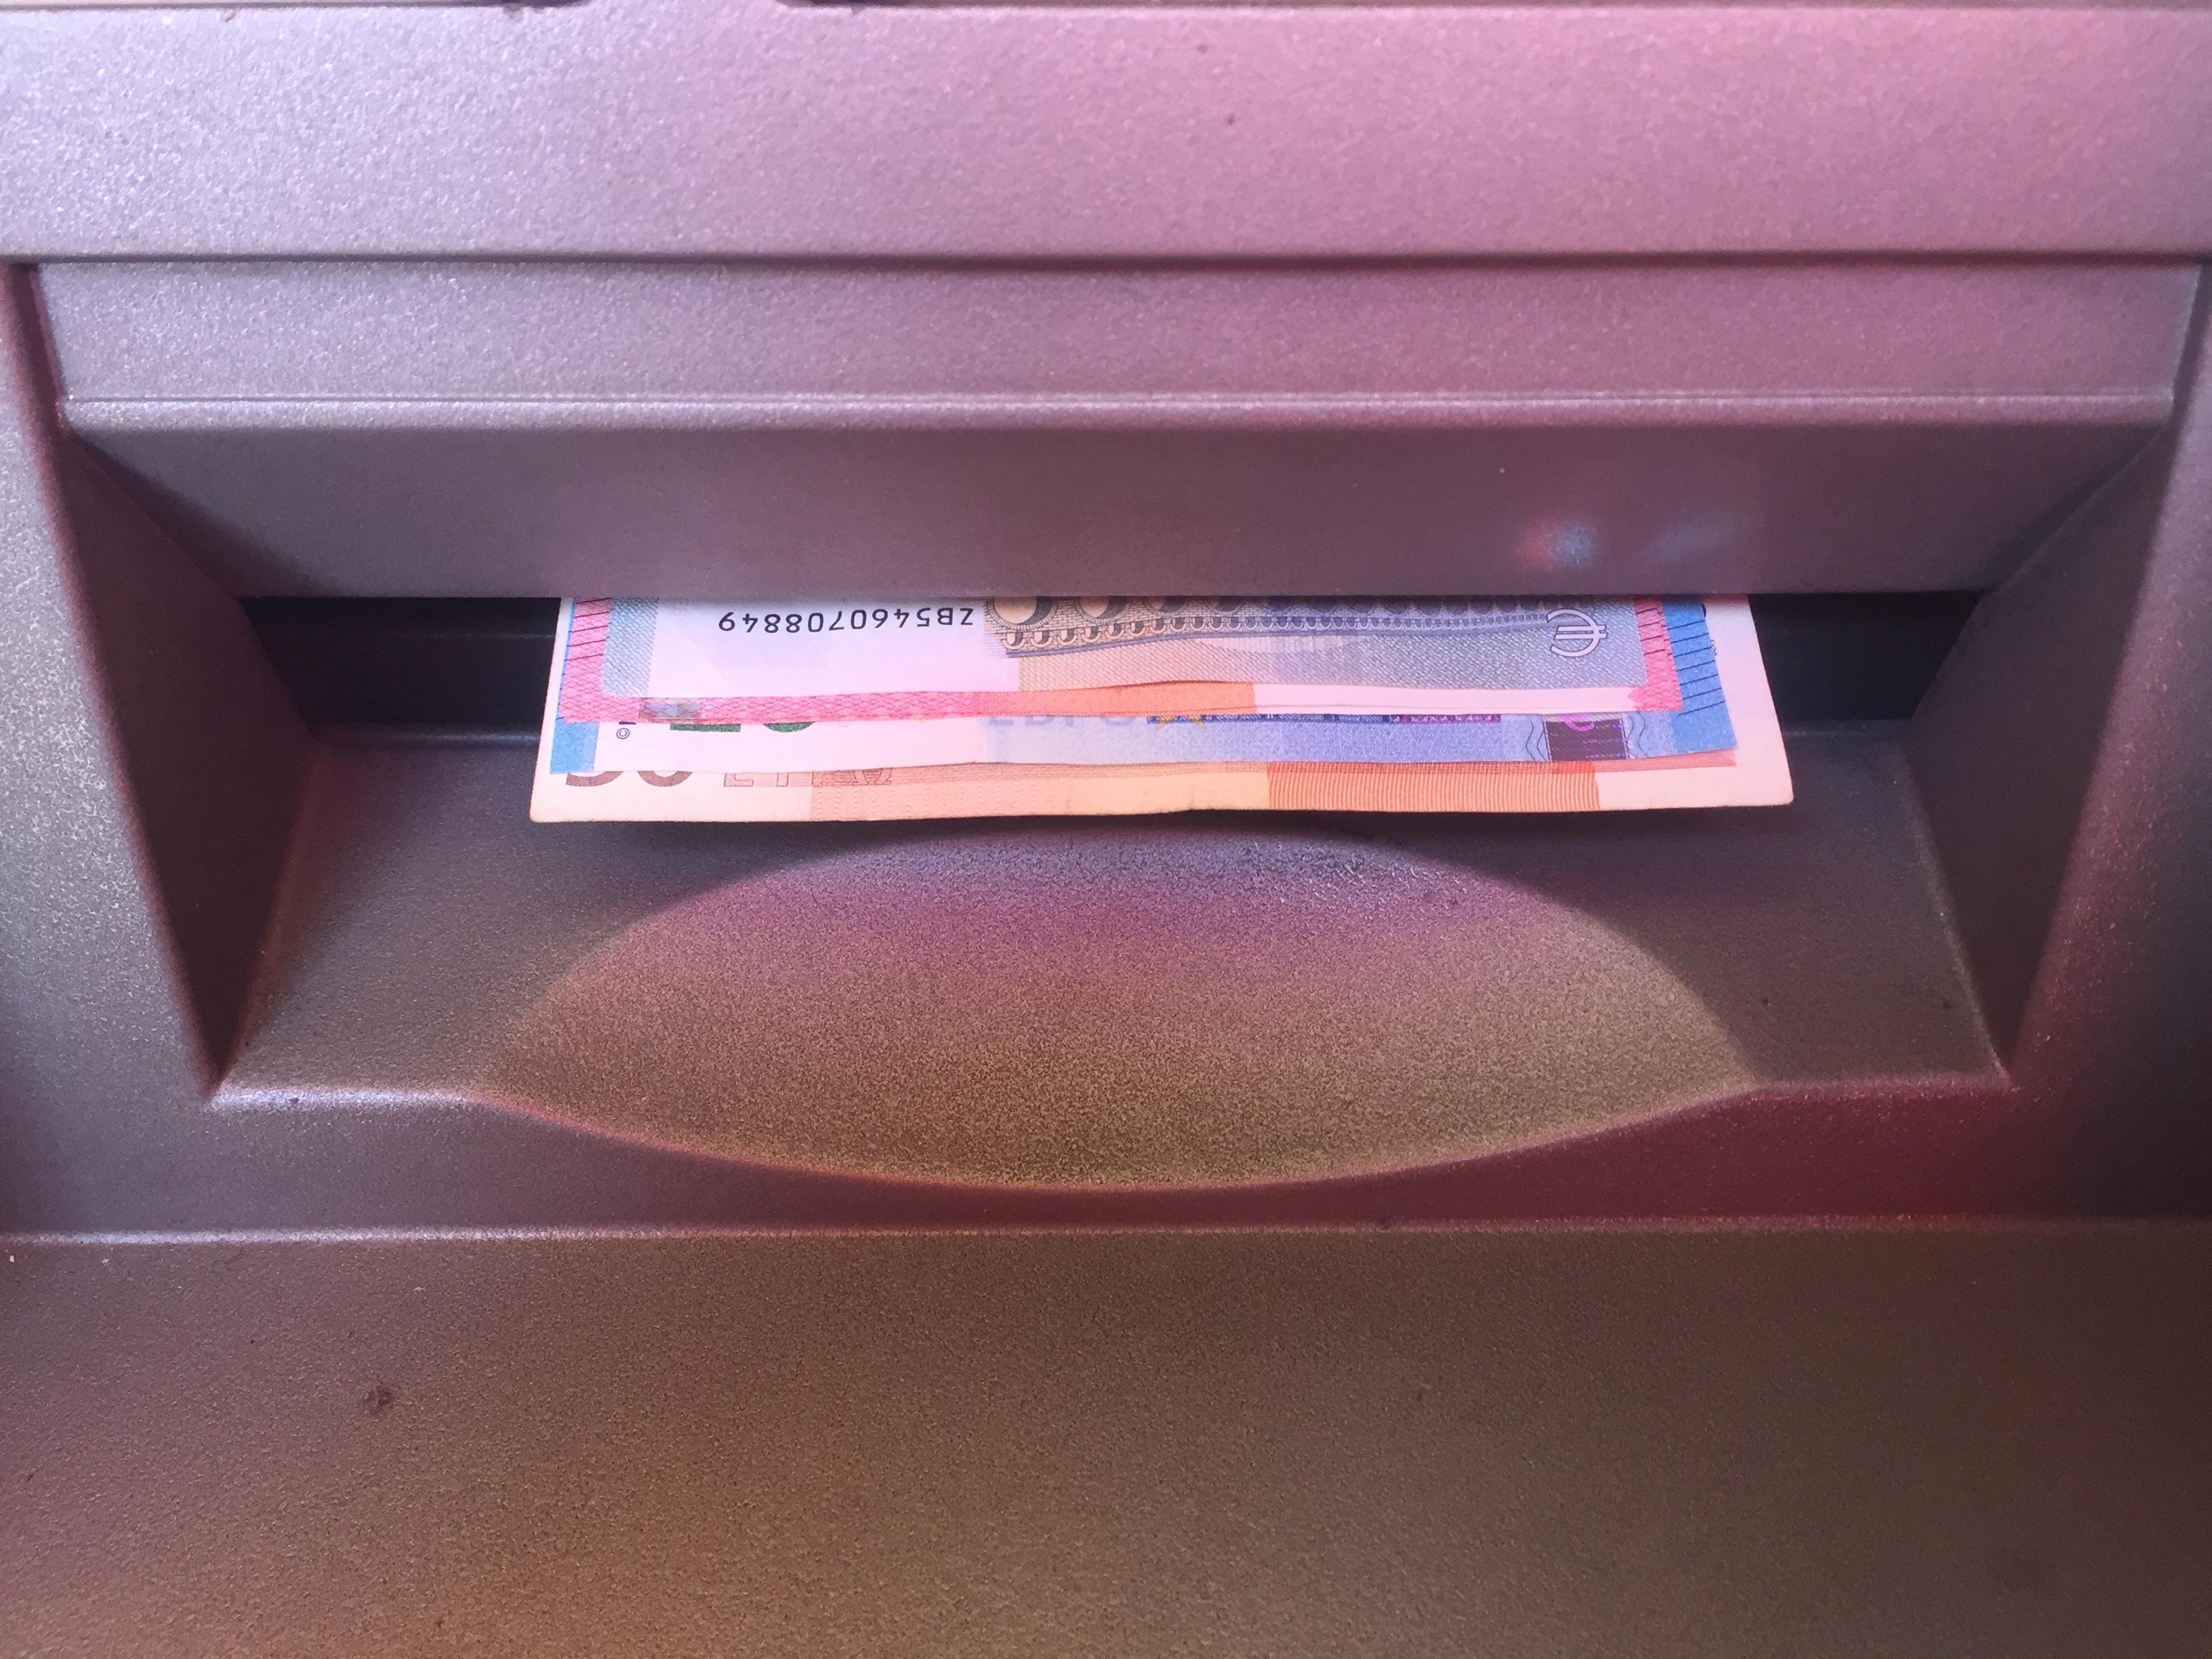 Kleur Meubilair Roze Geldautomaat Euro Automatisch Ec Geld Uit Te Geven